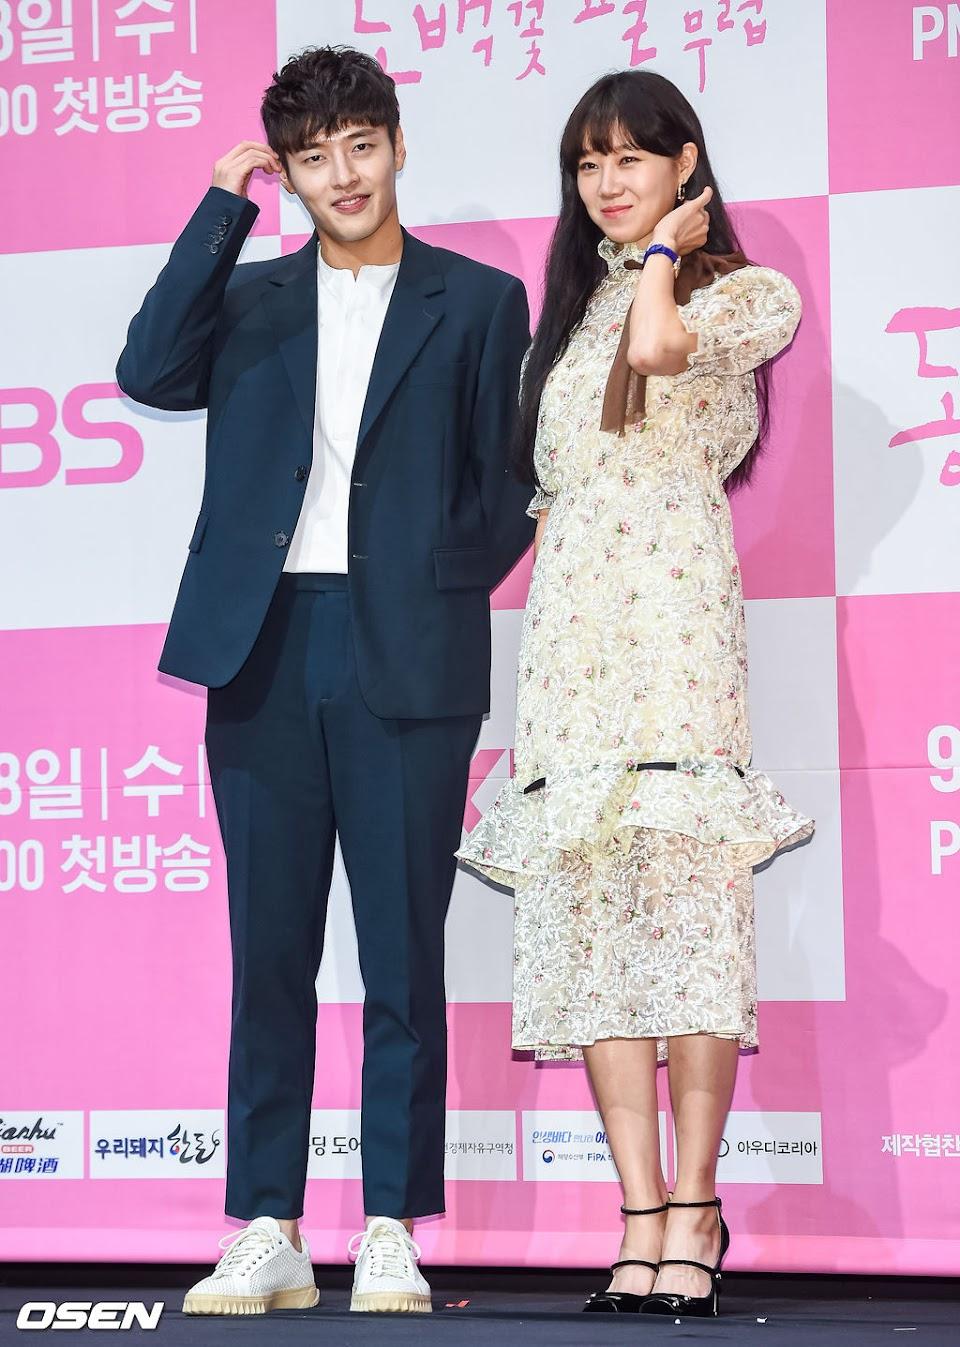 kang ha neul gong hyo jin 2